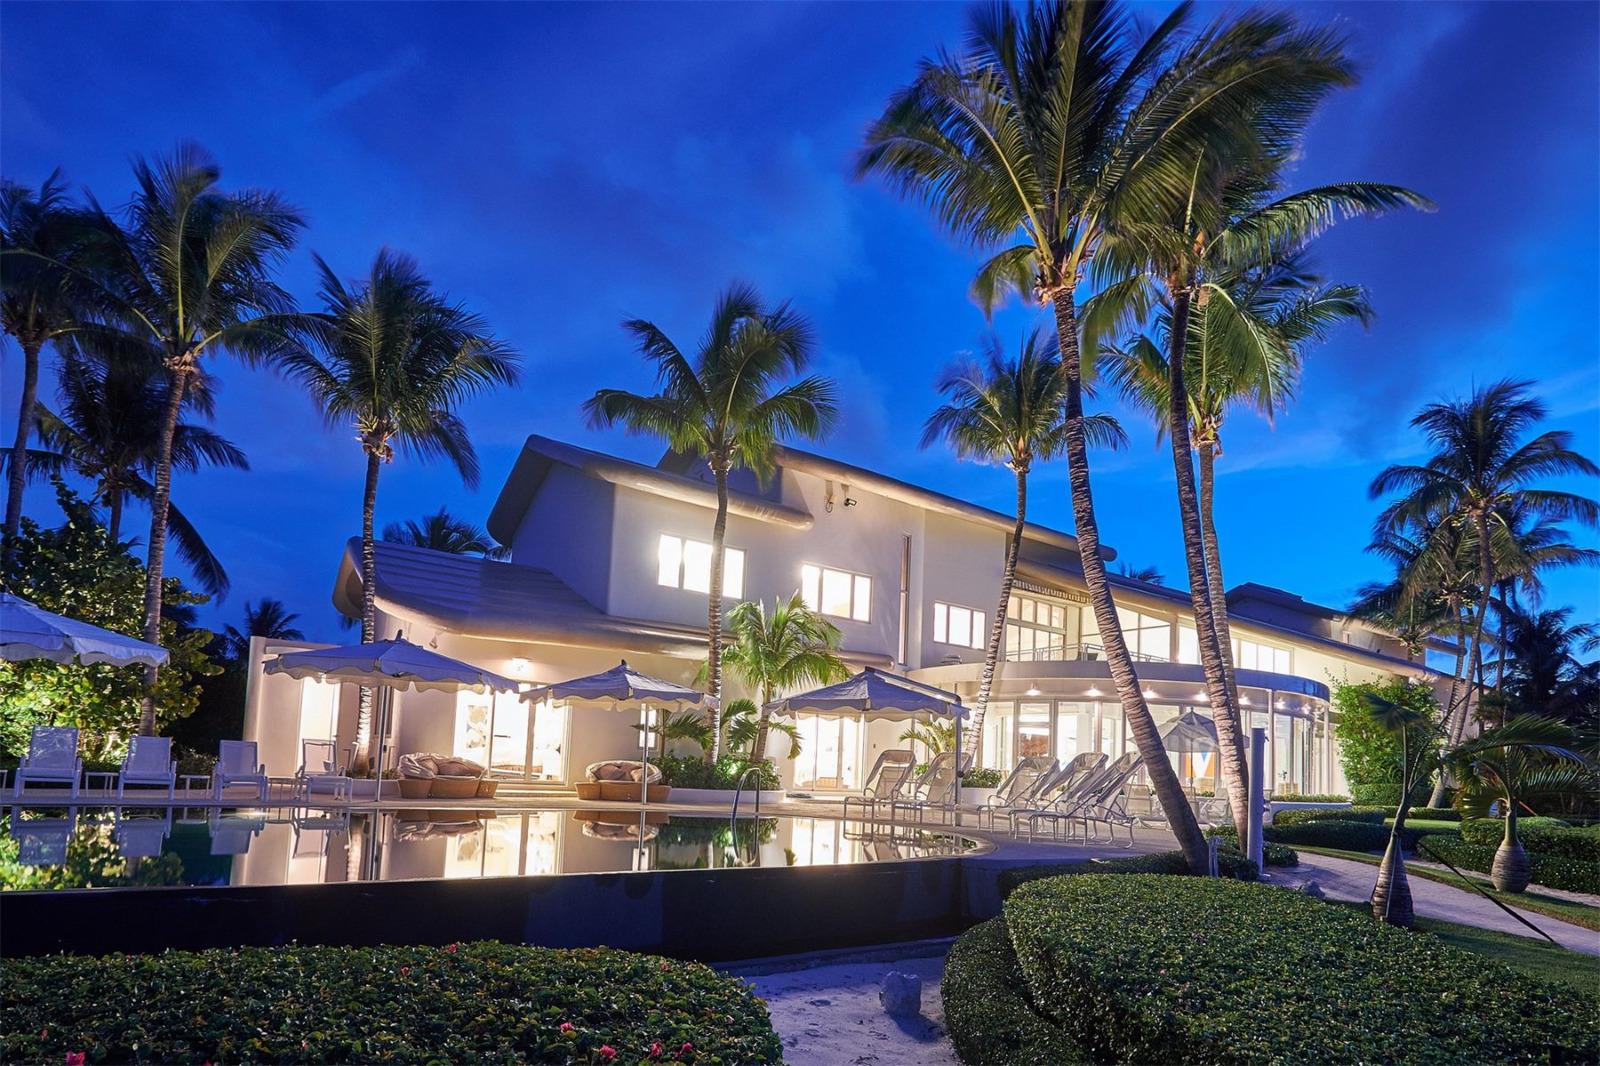 巴哈马拿骚豪宅